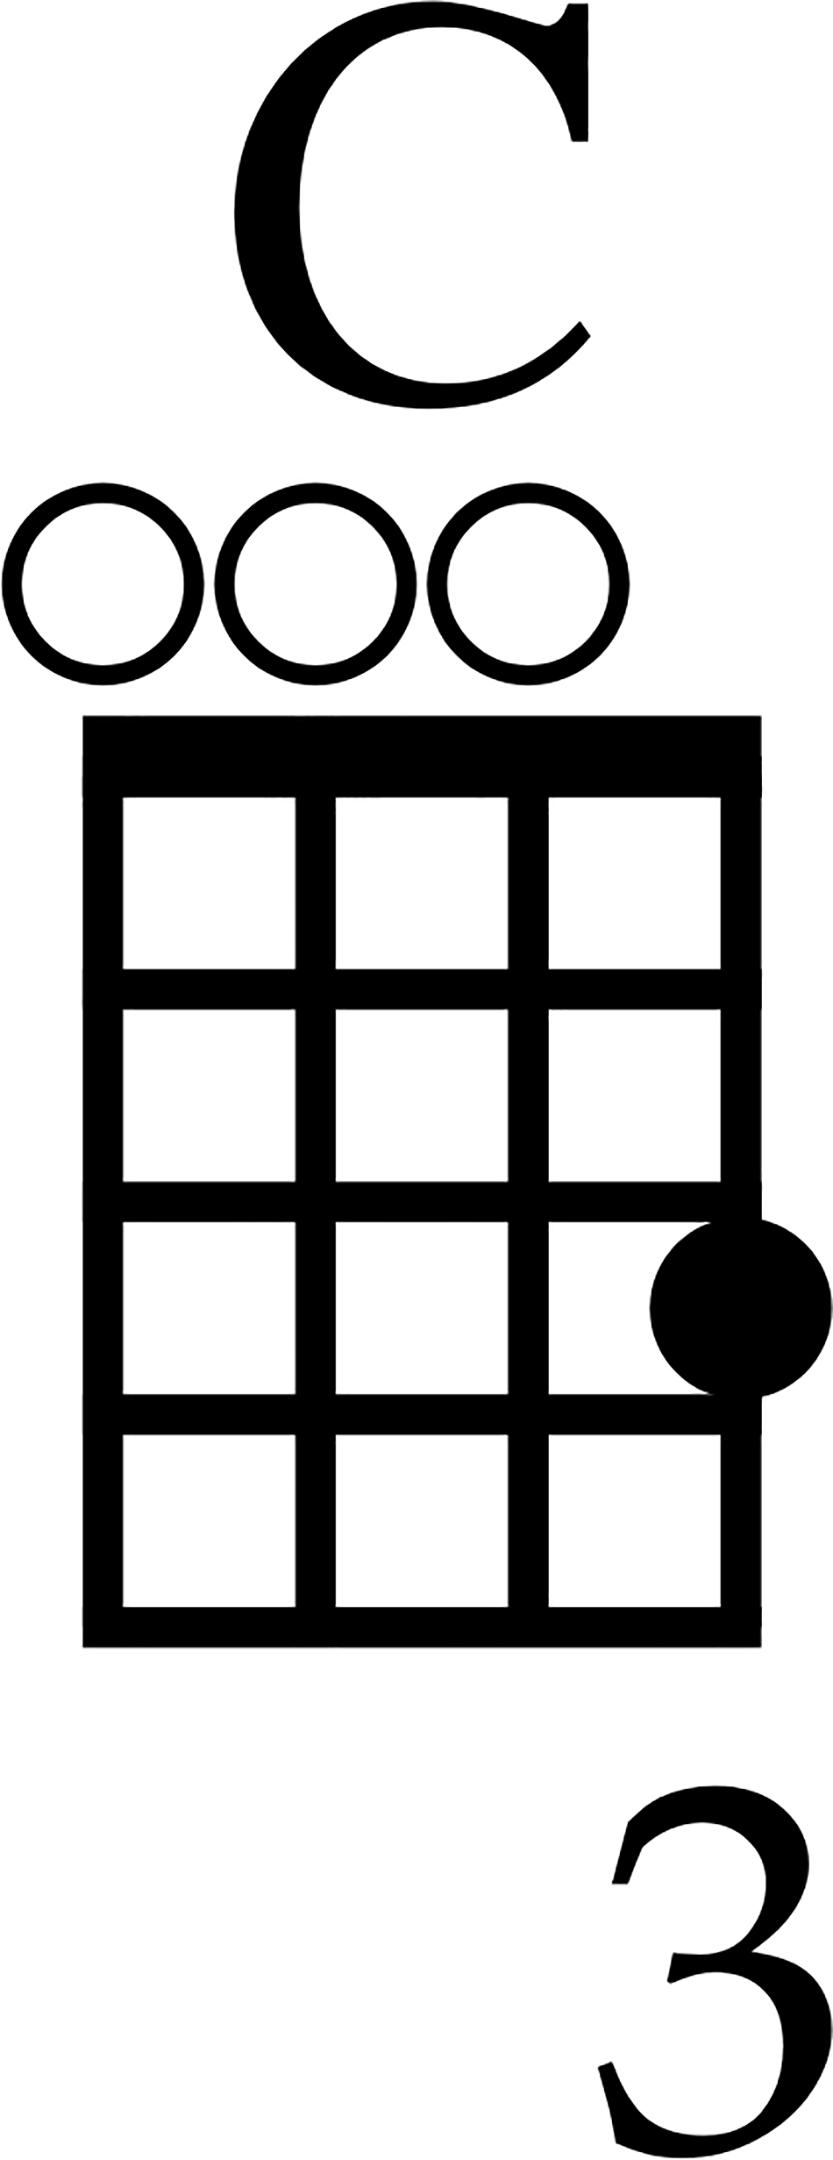 15 Beginner Ukulele Chords Every Ukulele Player Needs to Know ...